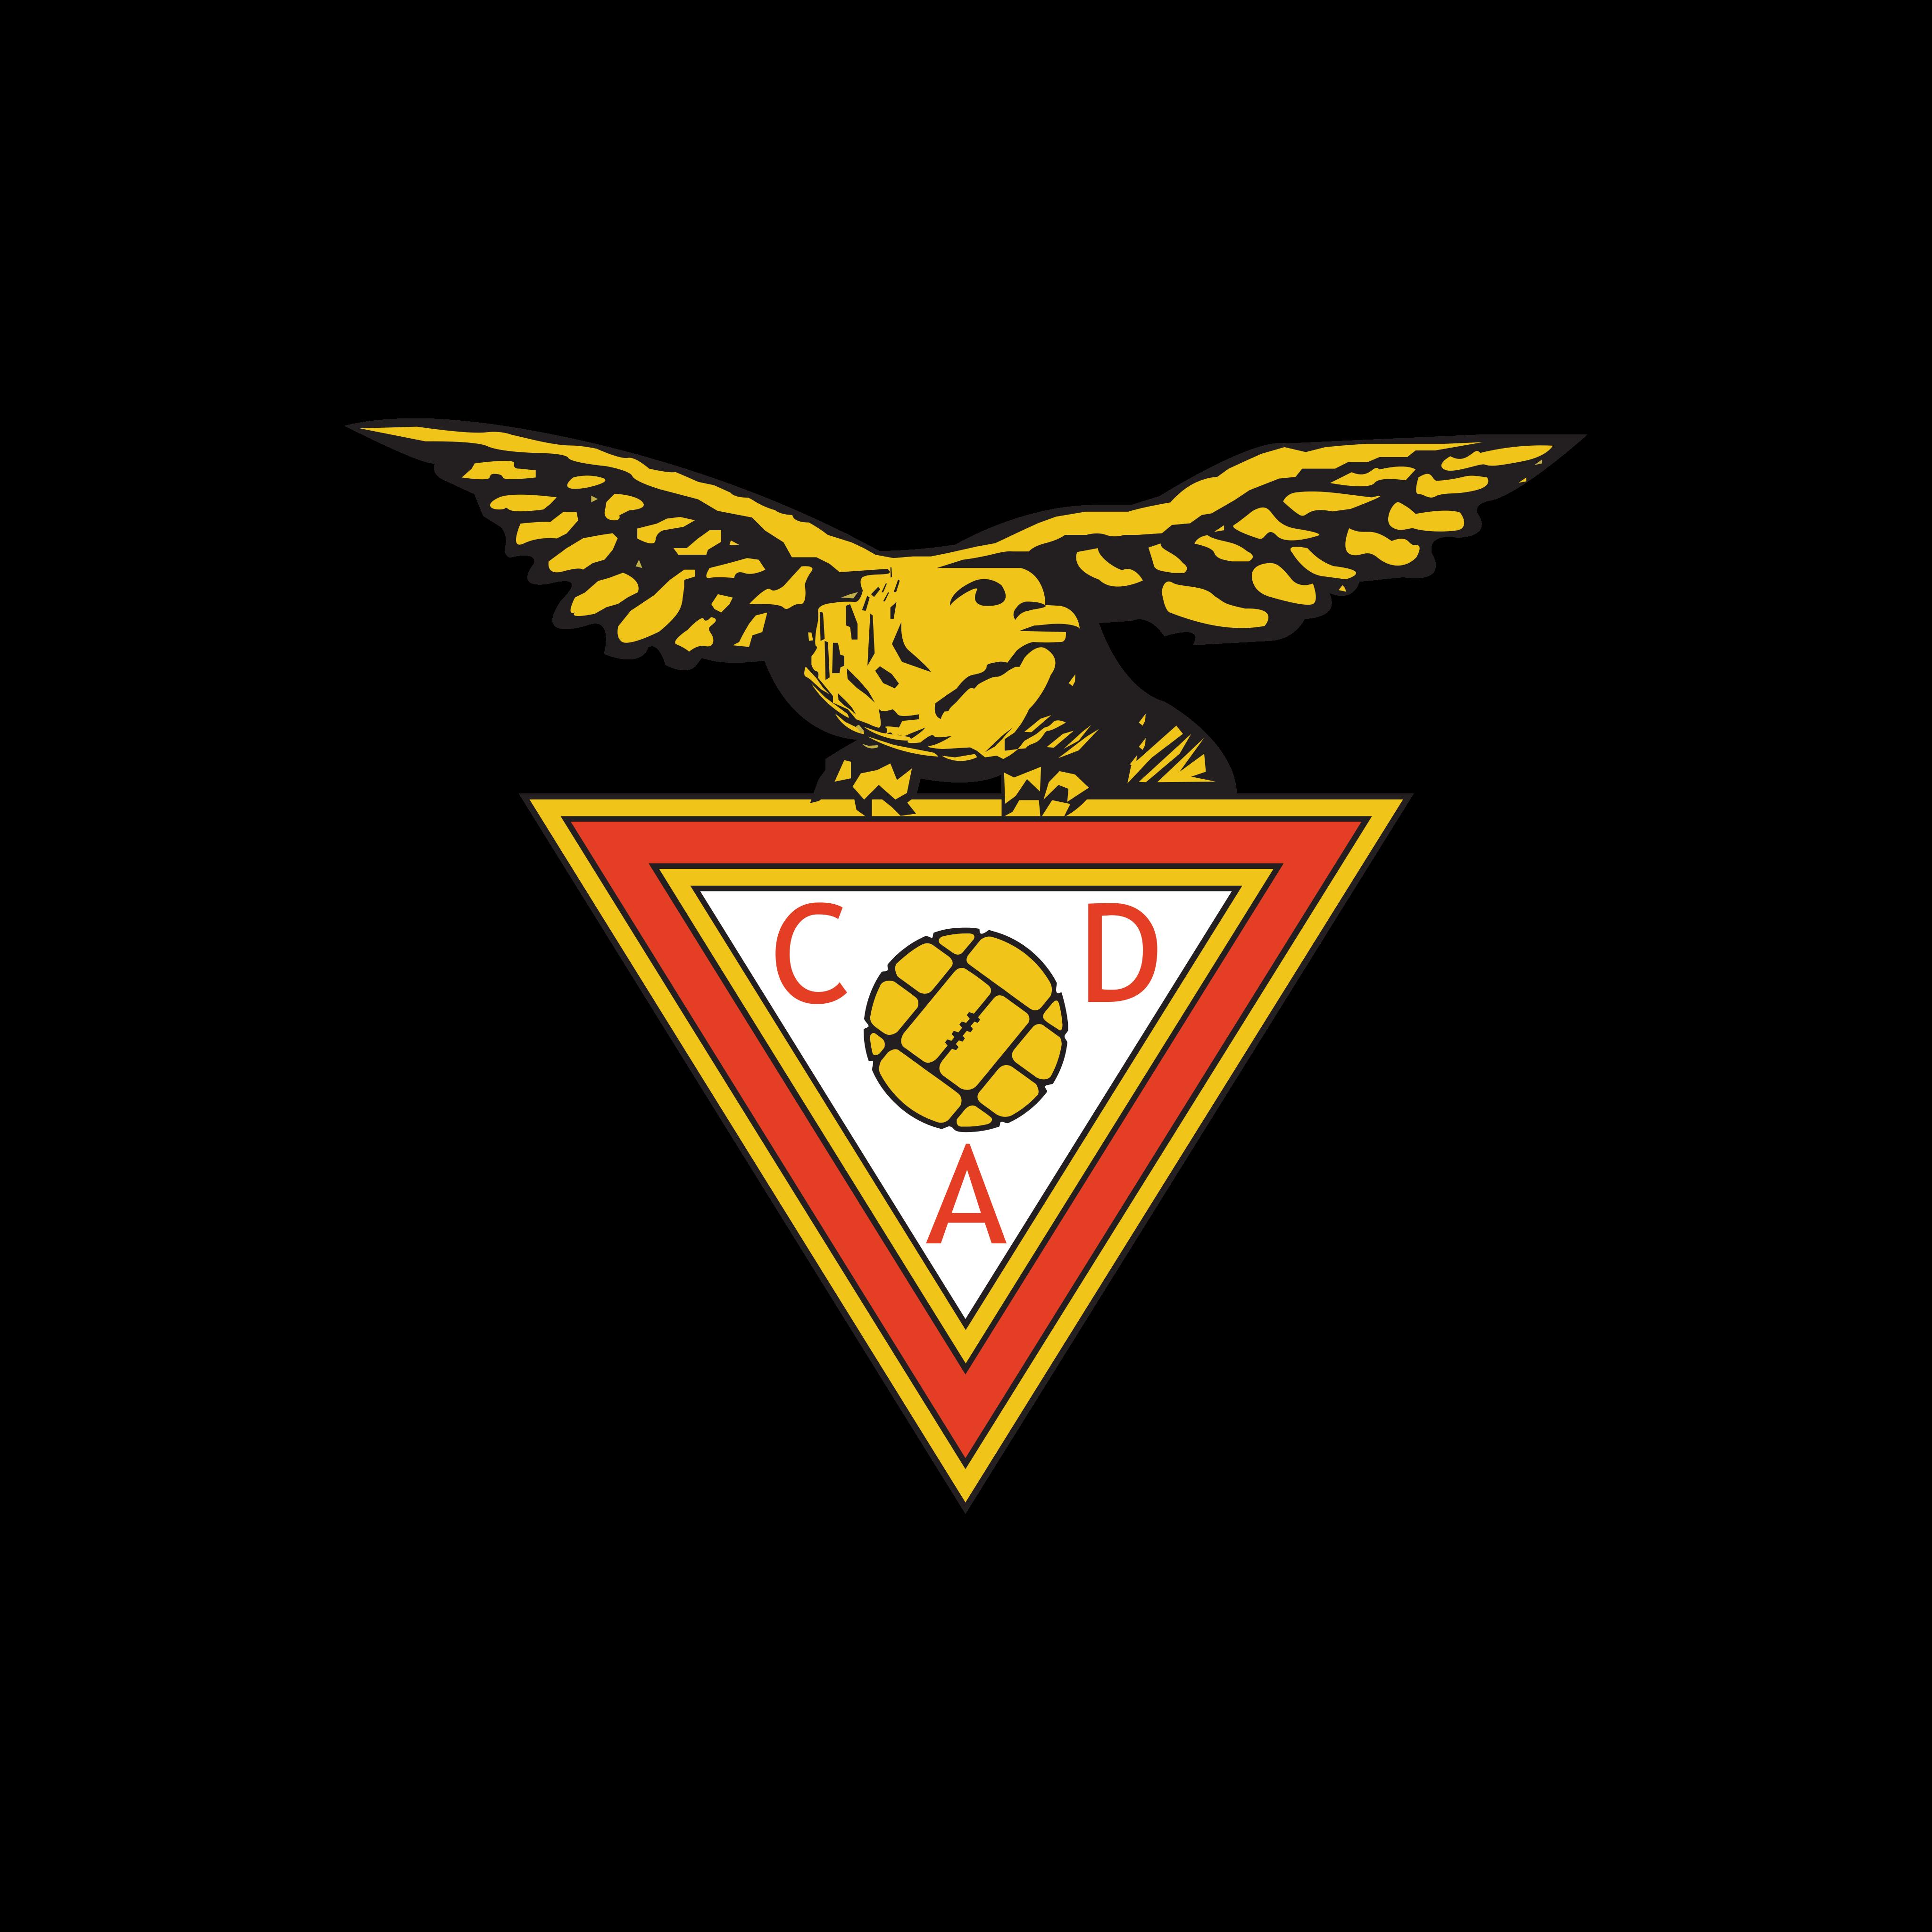 cd aves logo 0 - CD Aves Logo